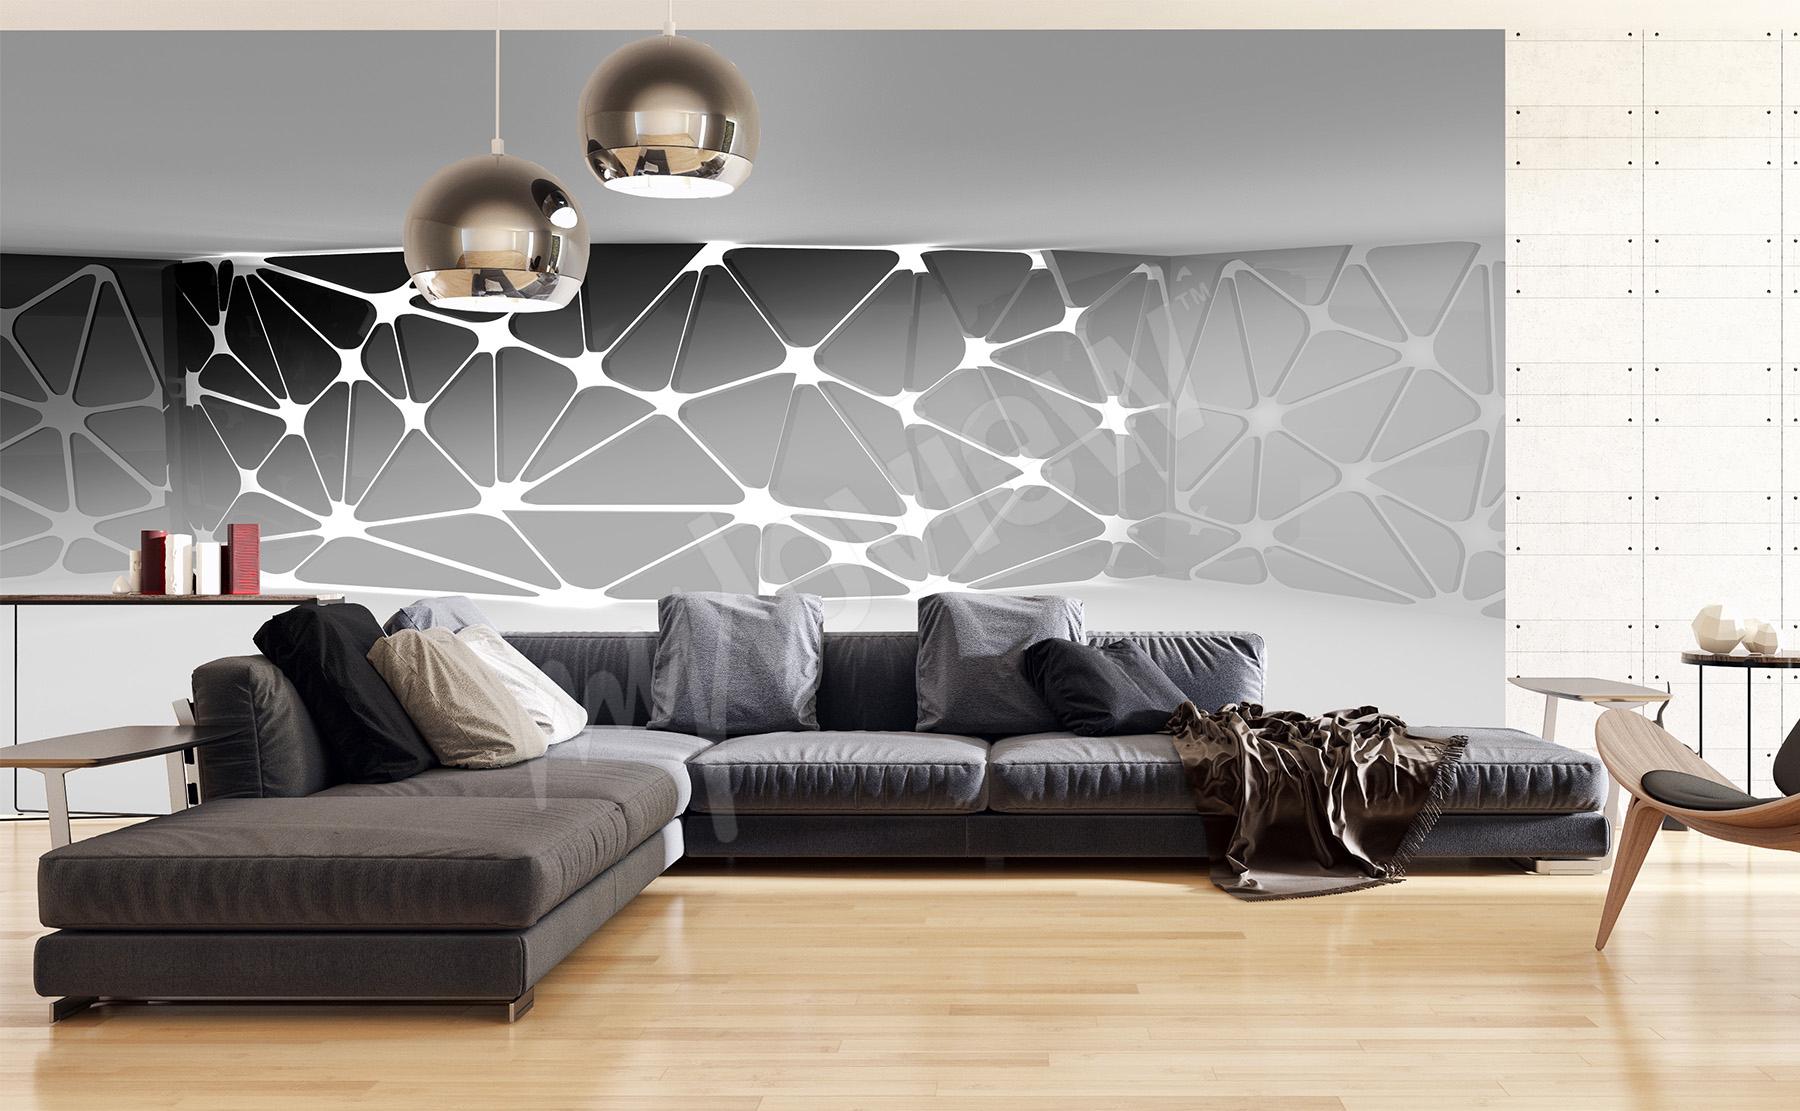 fototapeten r umlich gr e der wand. Black Bedroom Furniture Sets. Home Design Ideas